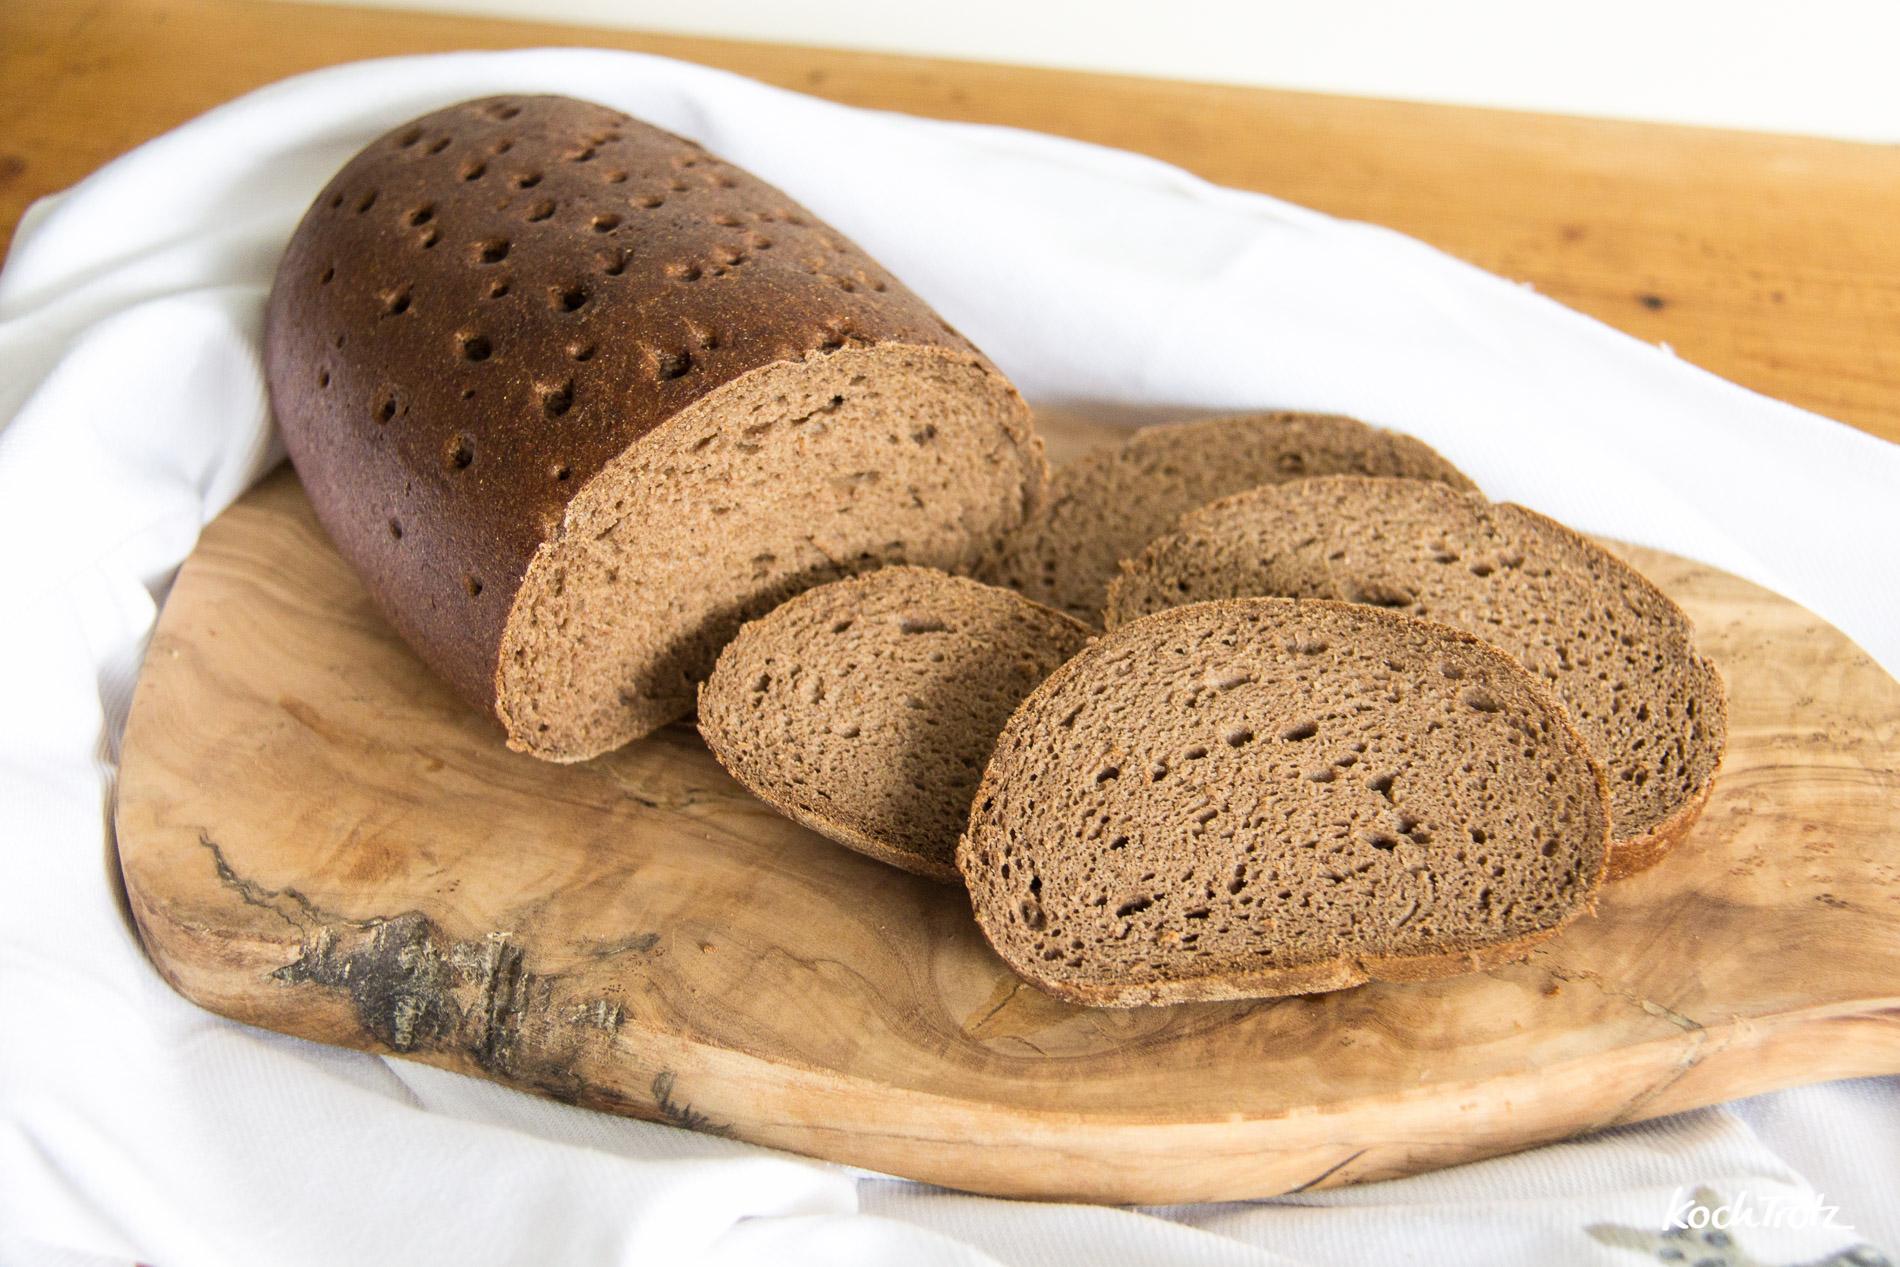 Produkttest | glutenfreie Backwaren von Böcker | Leinsamenbrot